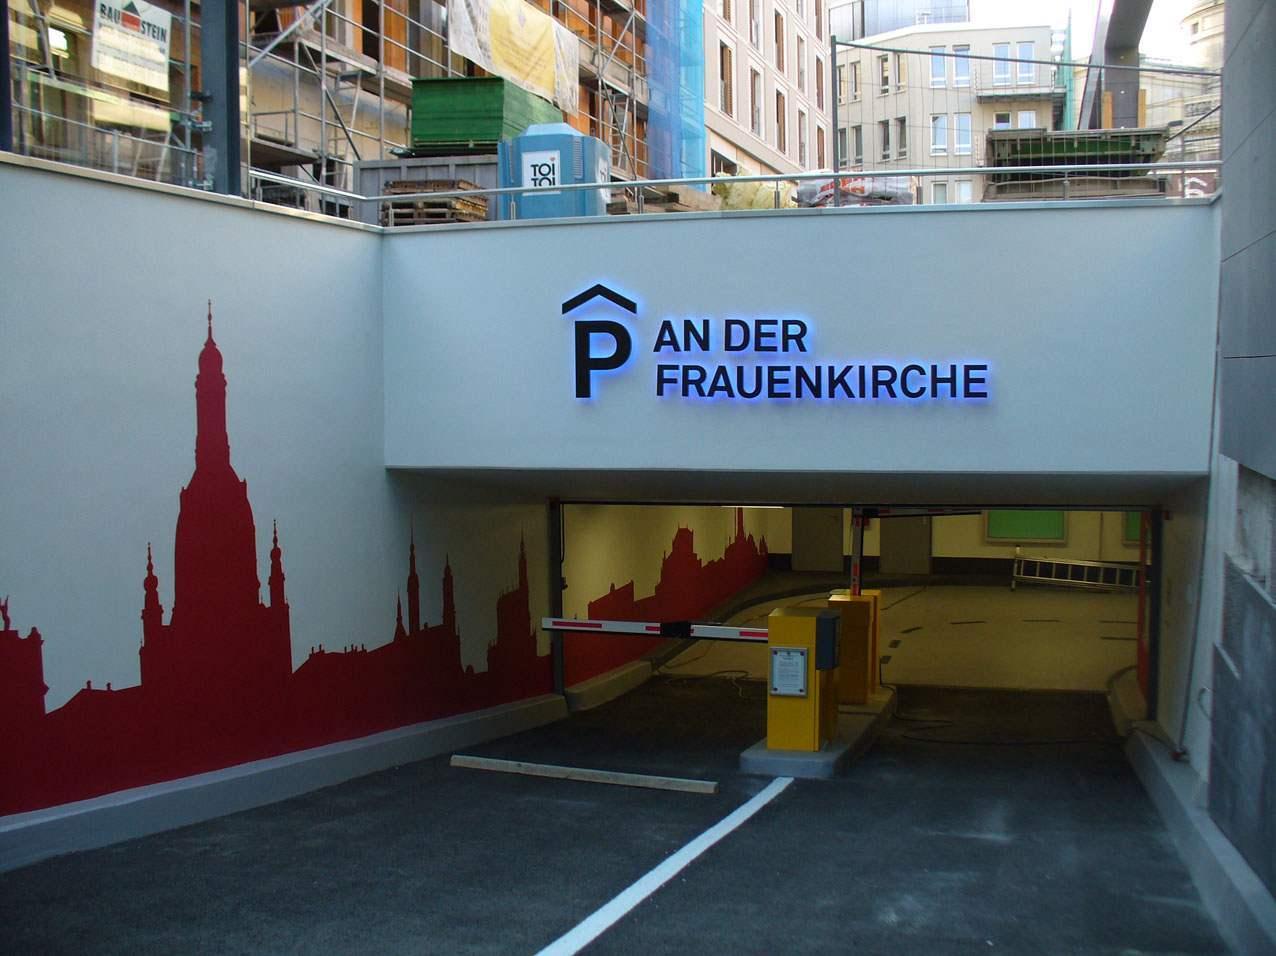 456-LED-Buchstaben-Parken-An-der-Frauenkirche-Dresden